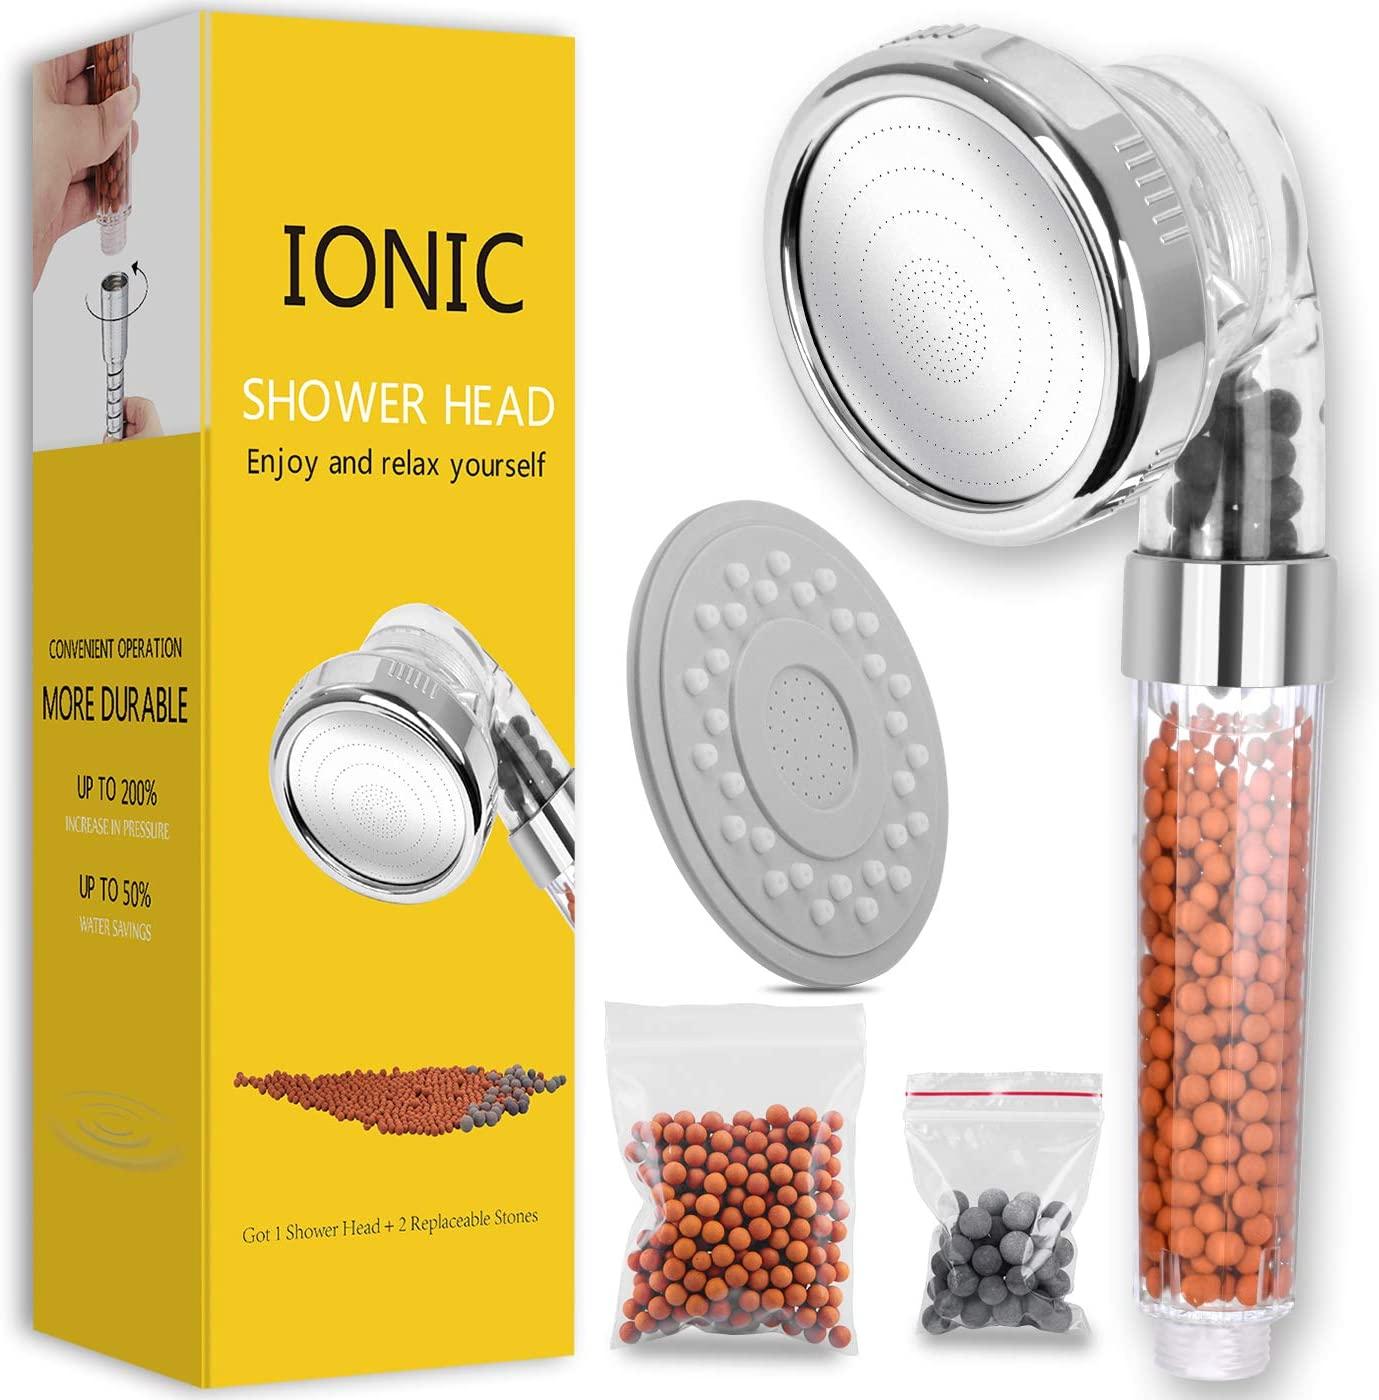 Ionic water saving showerhead